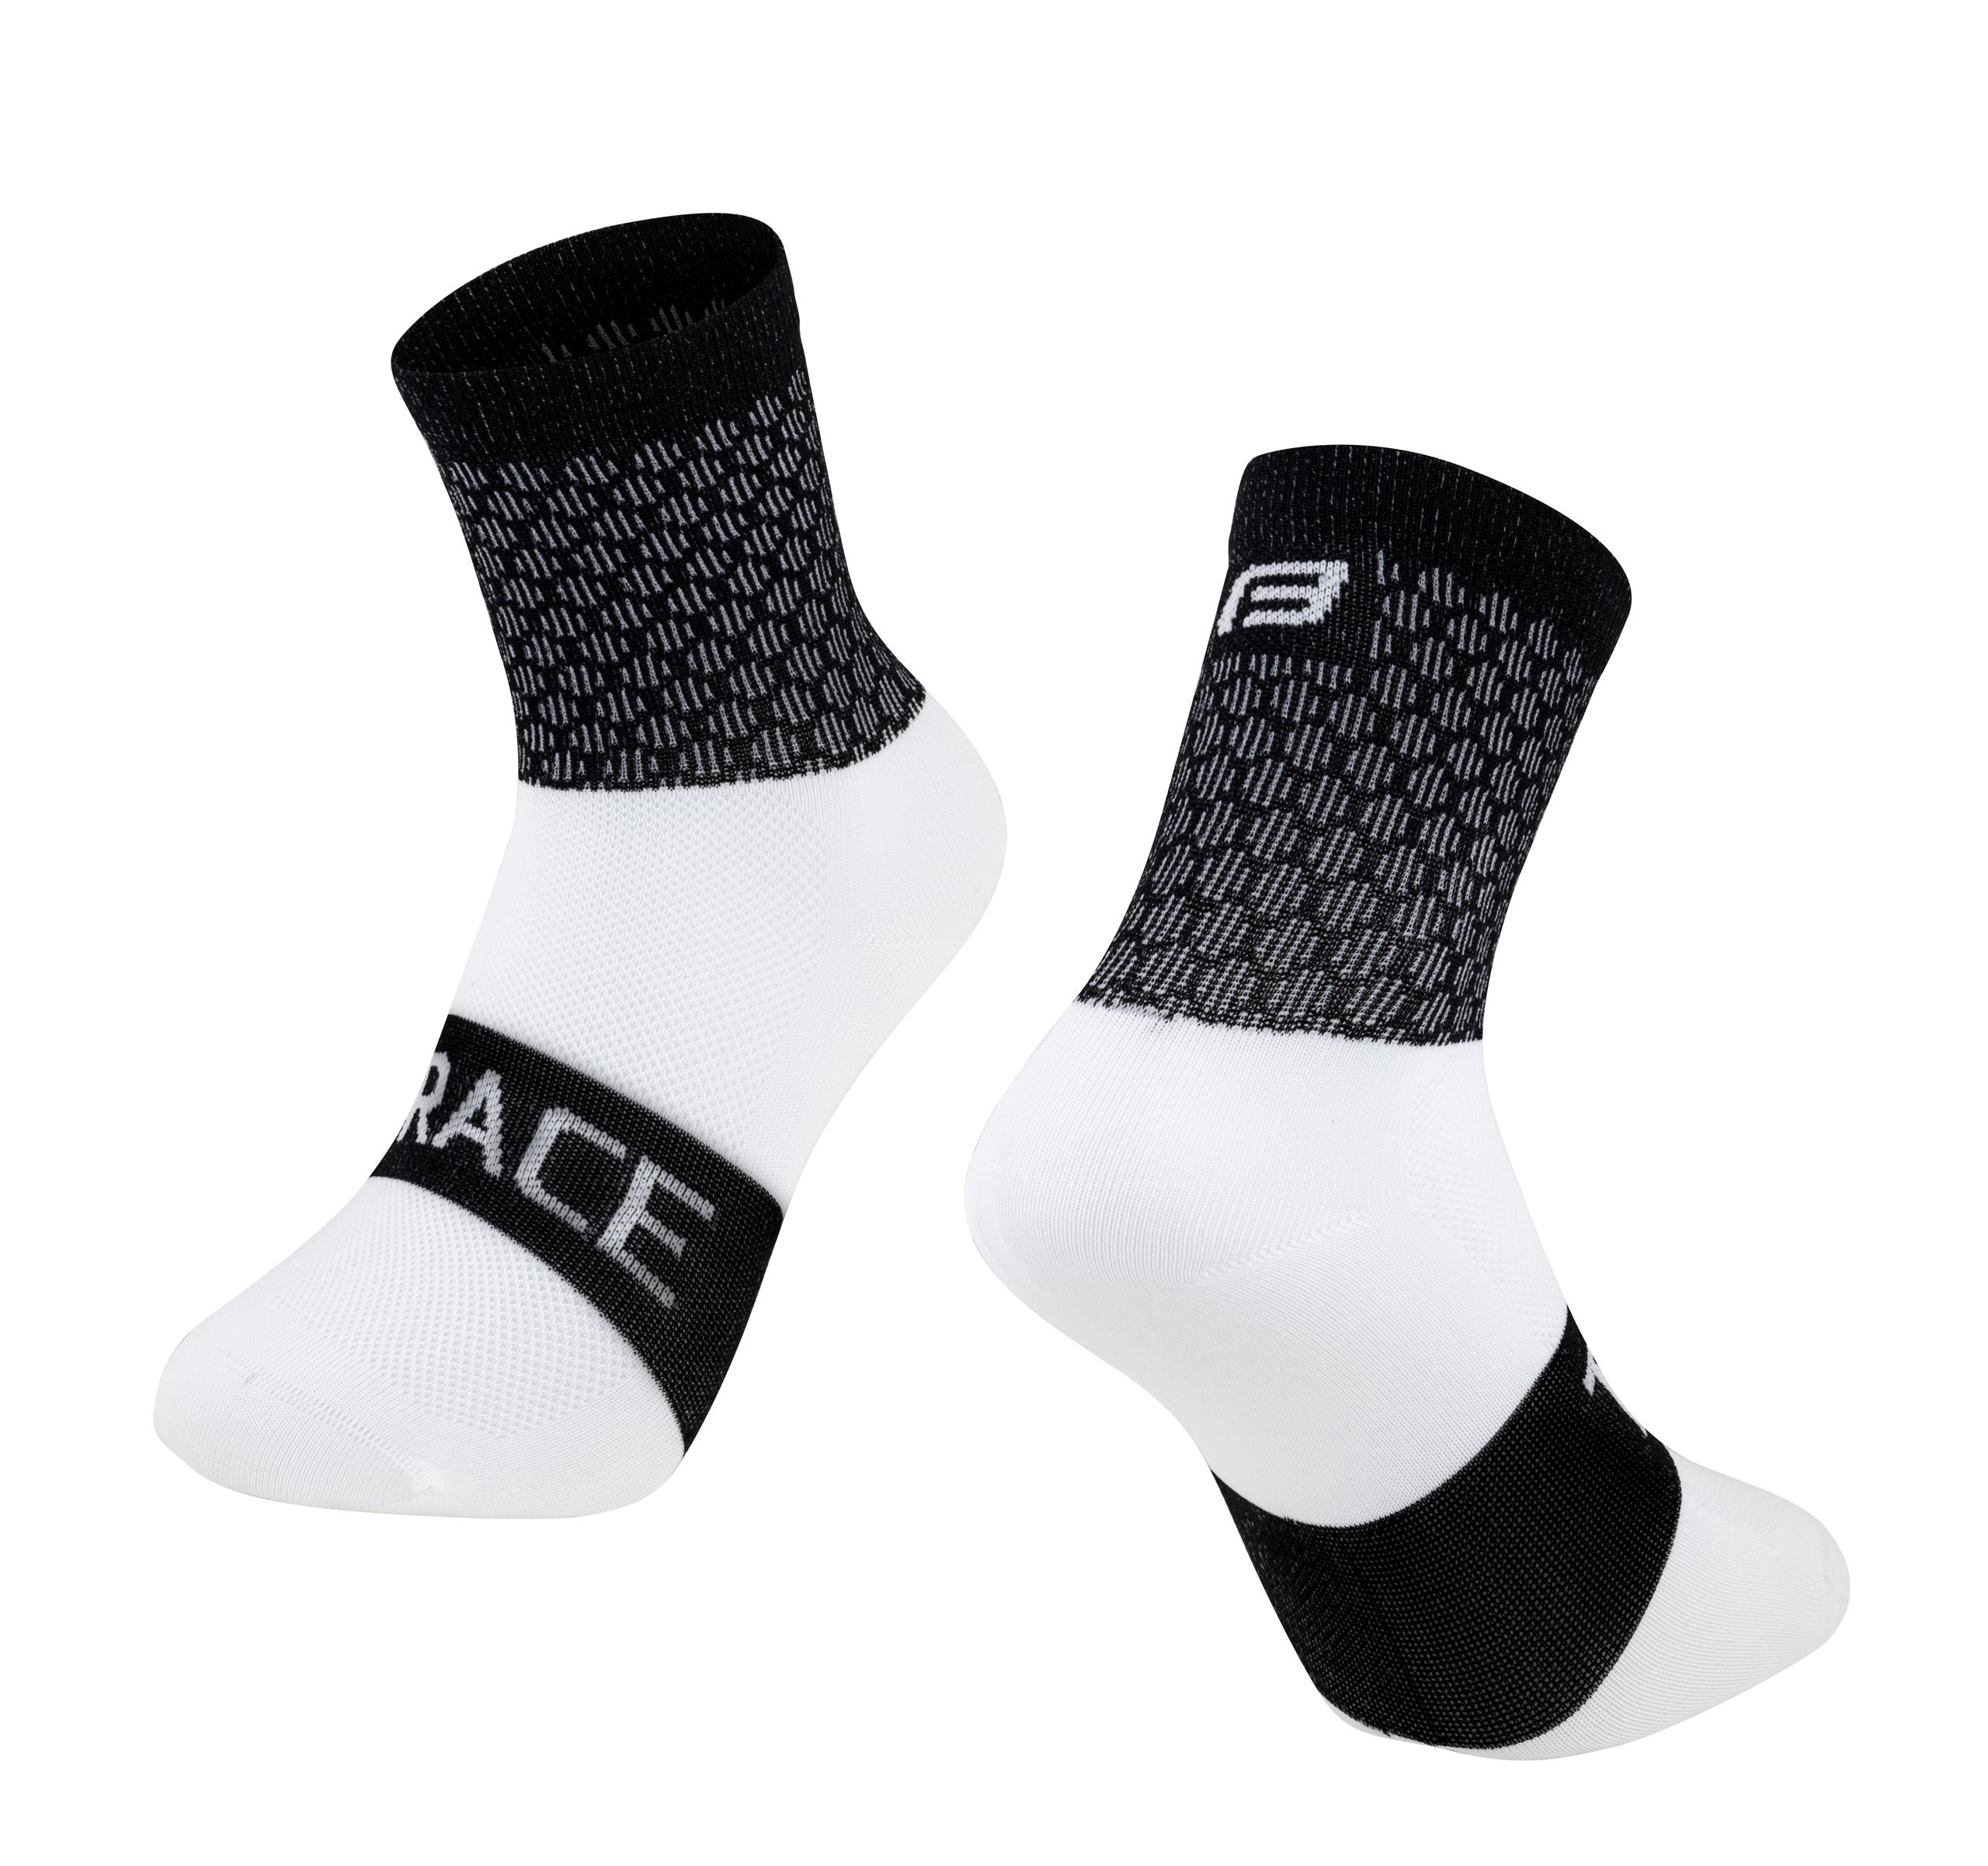 ponožky FORCE TRACE, černo-bílé L-XL/42-47